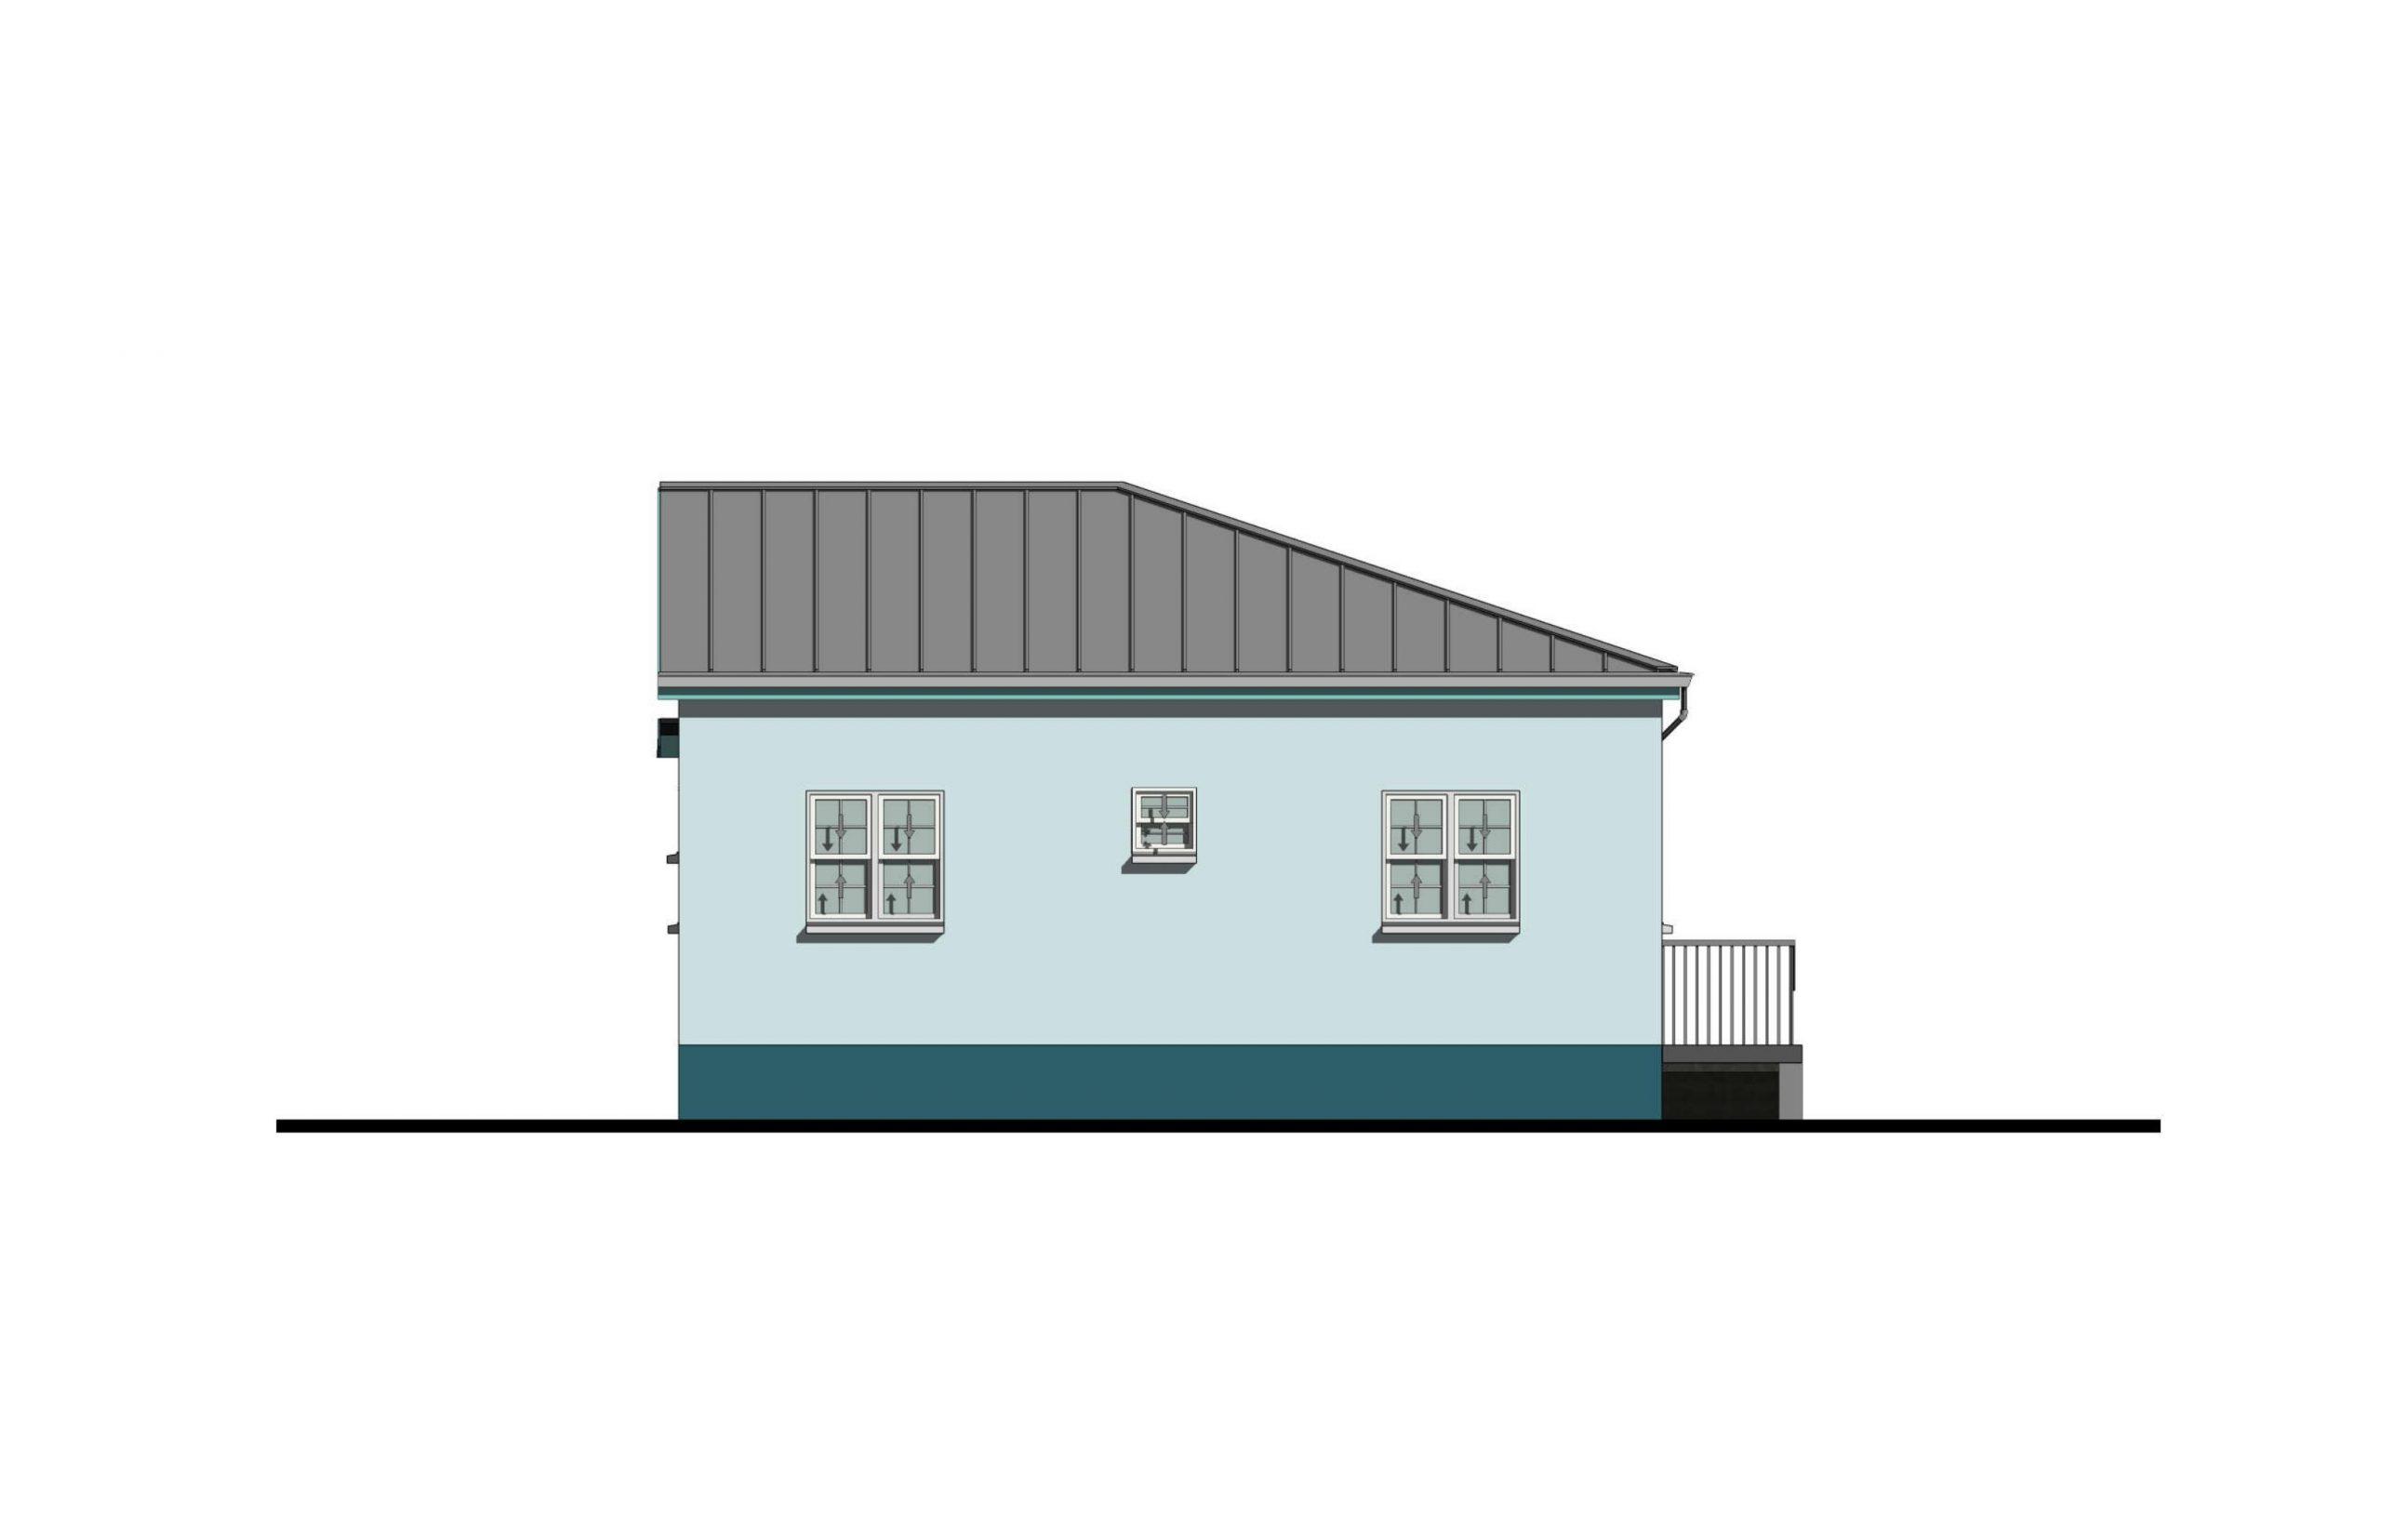 Lodestar 3 Bed  2Bath Option 1 Rear Elevation  1060+SQFT